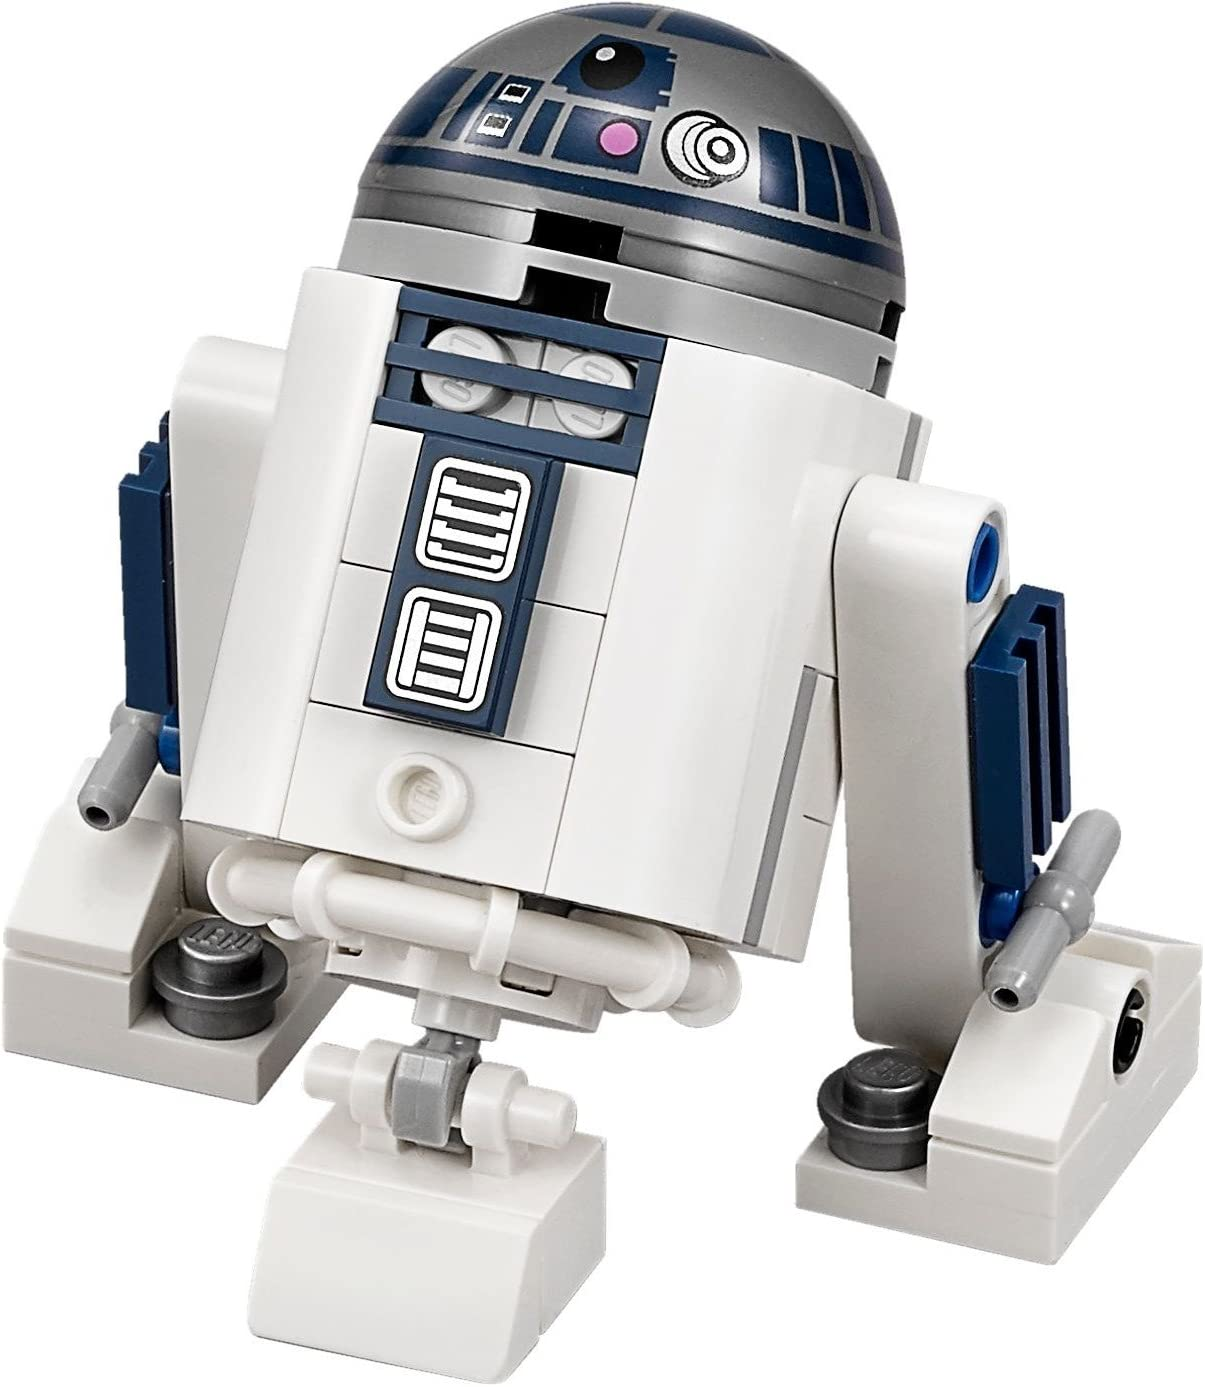 C3PO /& R2-D2 SET LEGO STAR WARS #75136 Mini Figure BRAND NEW!